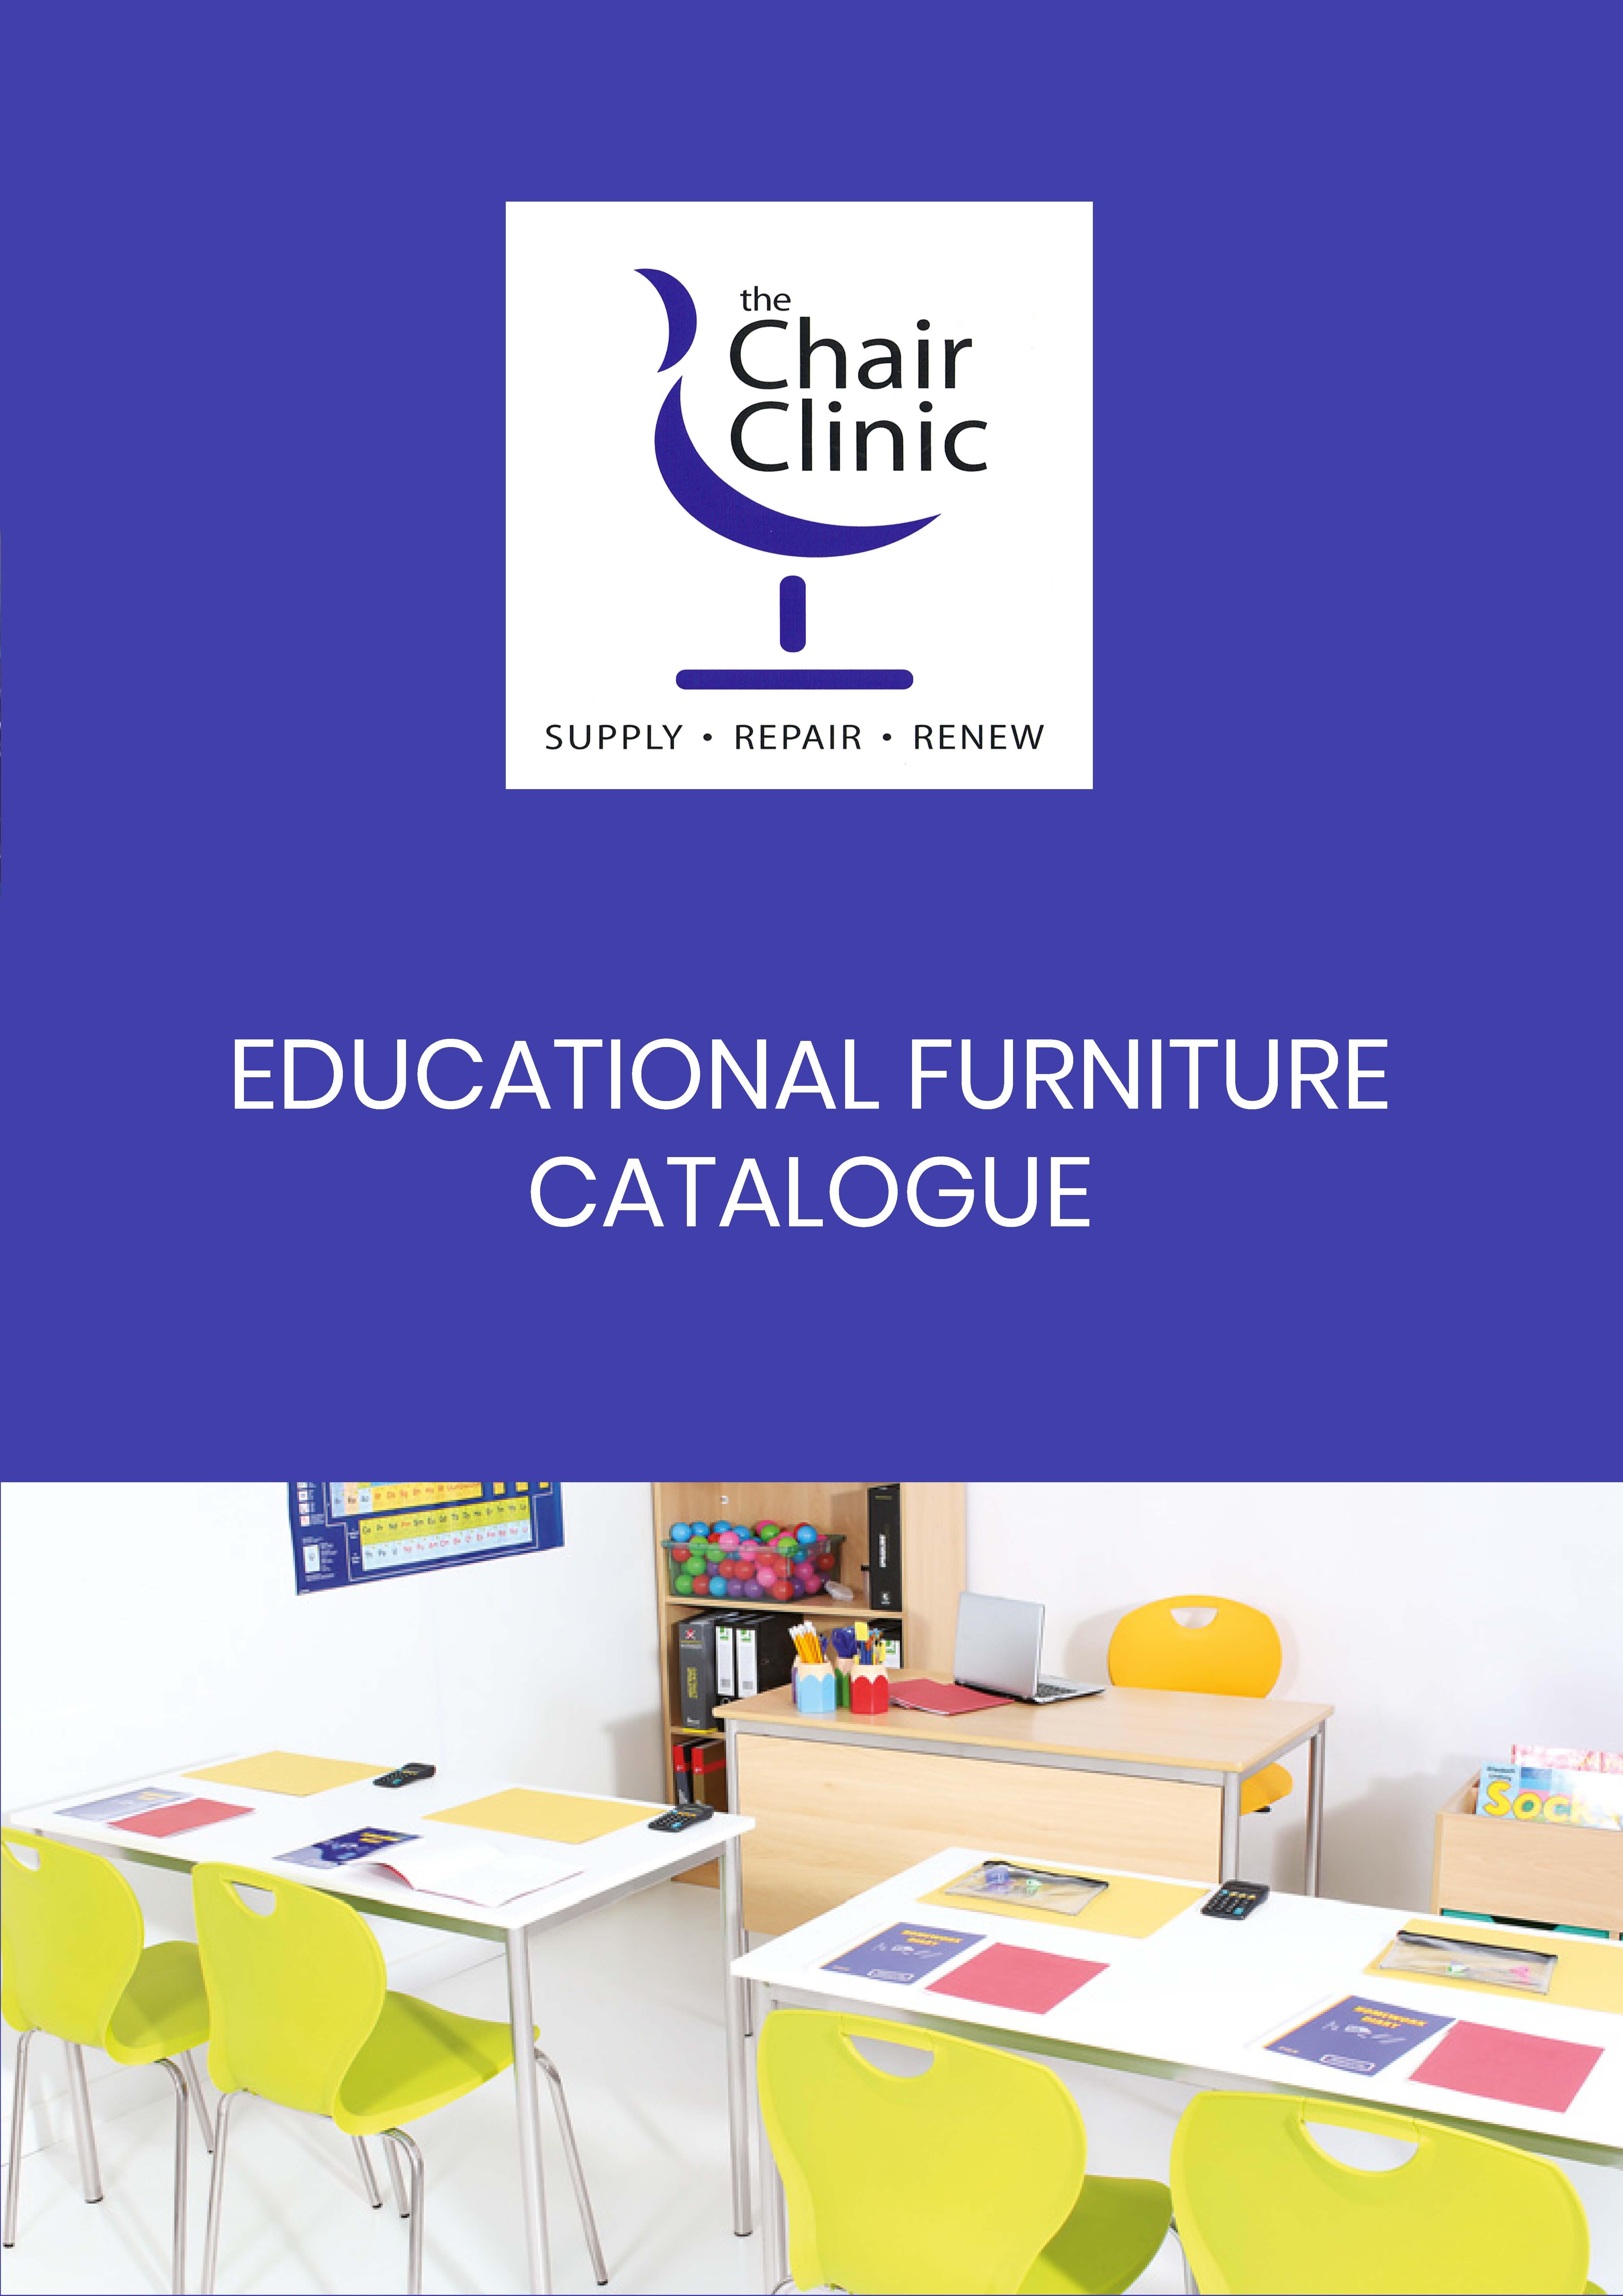 tcc-educational-furniture-image-1.jpg